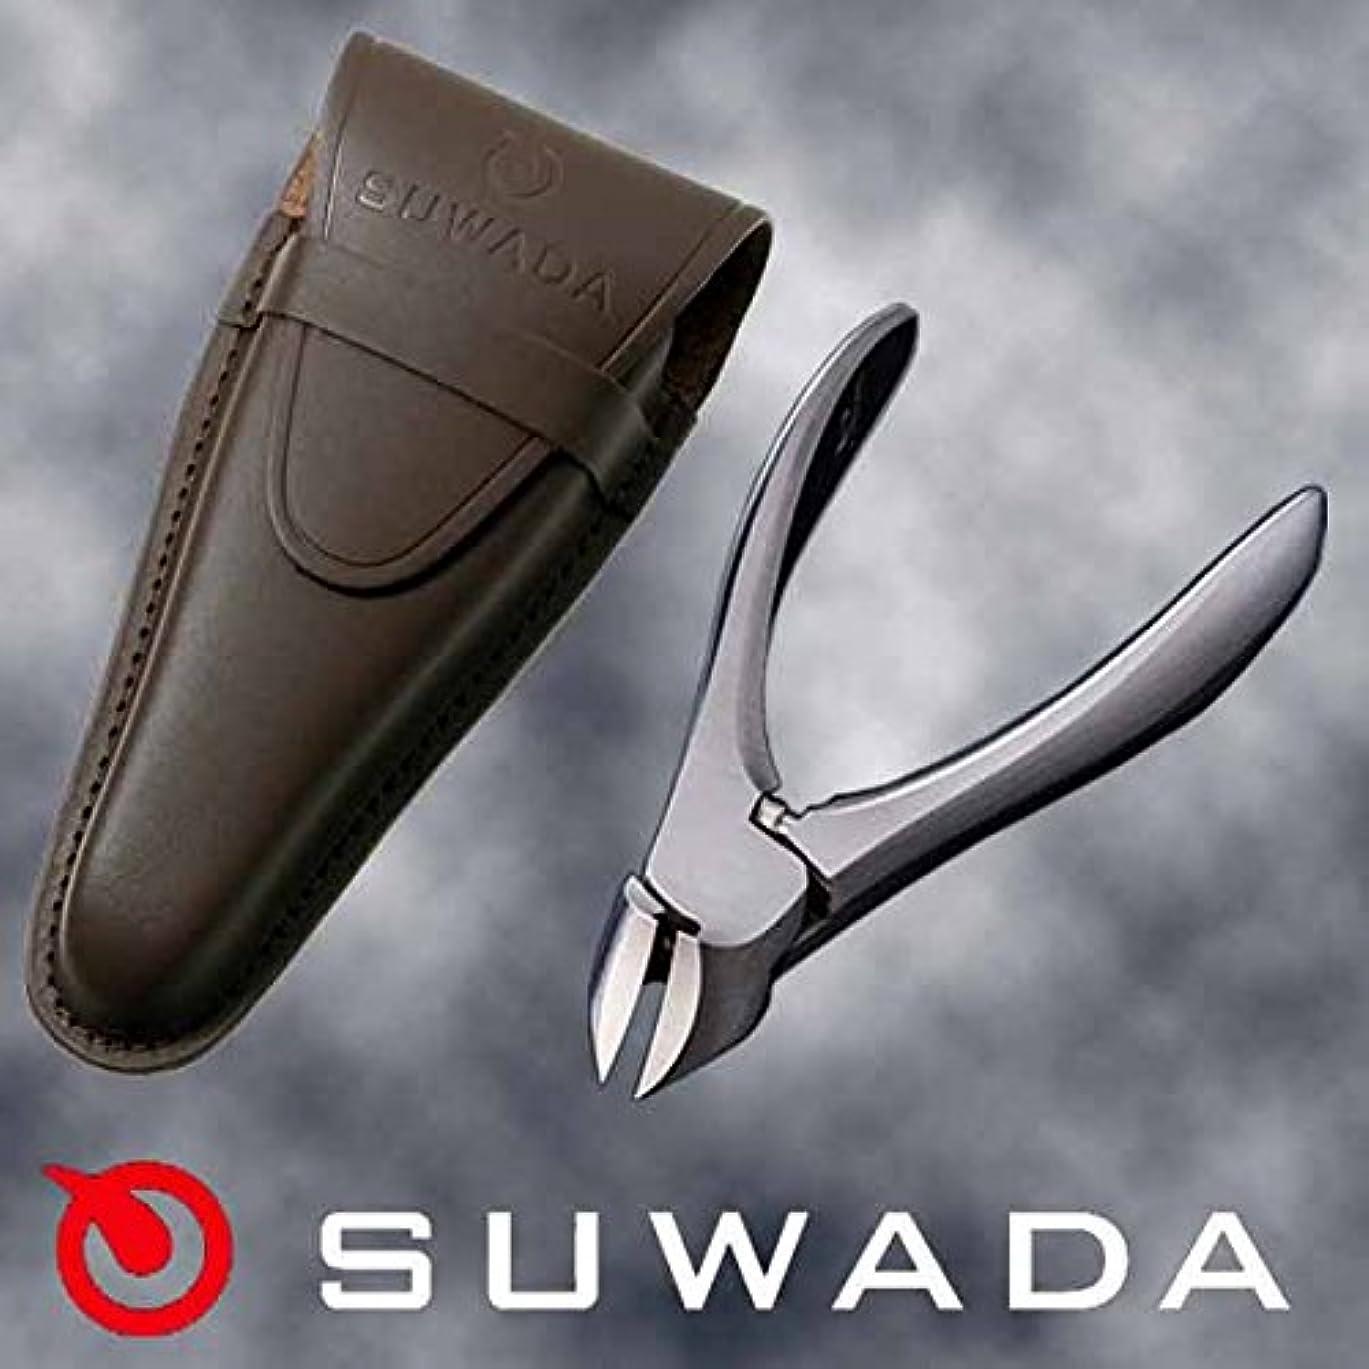 申し立てる電話をかけるネクタイSUWADA爪切りクラシックL&ブラウン(茶)革ケースセット 特注モデル 諏訪田製作所製 スワダの爪切り